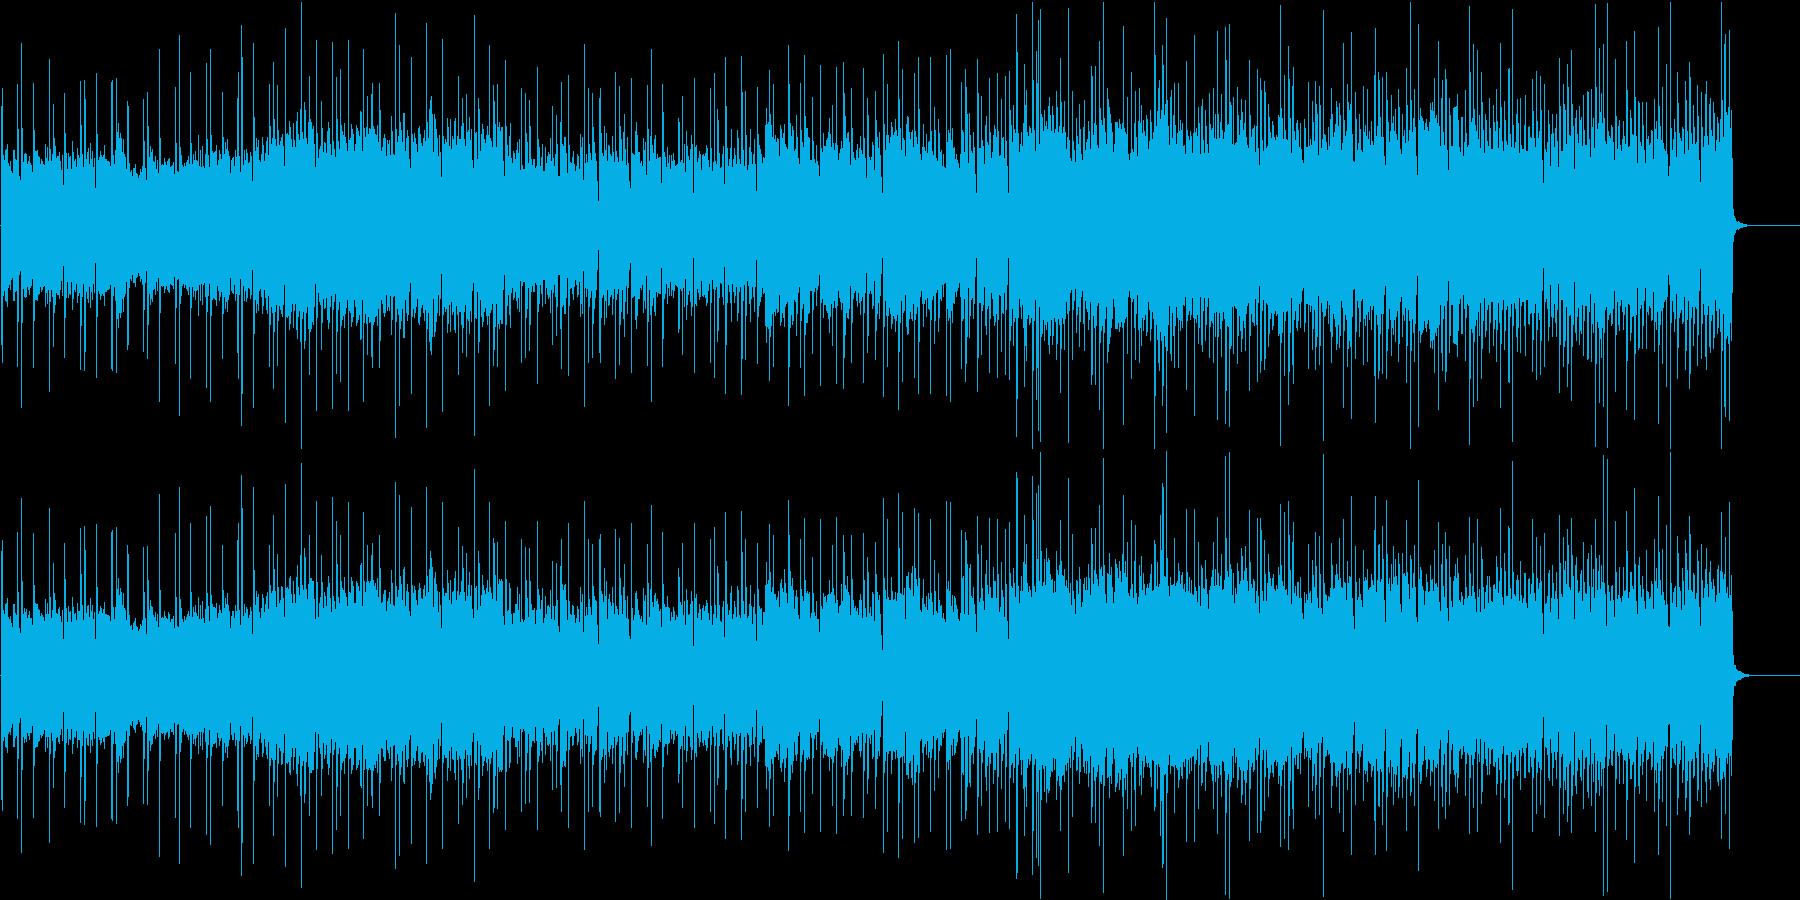 可愛らしいく軽快で少しセンチソウル風味の再生済みの波形